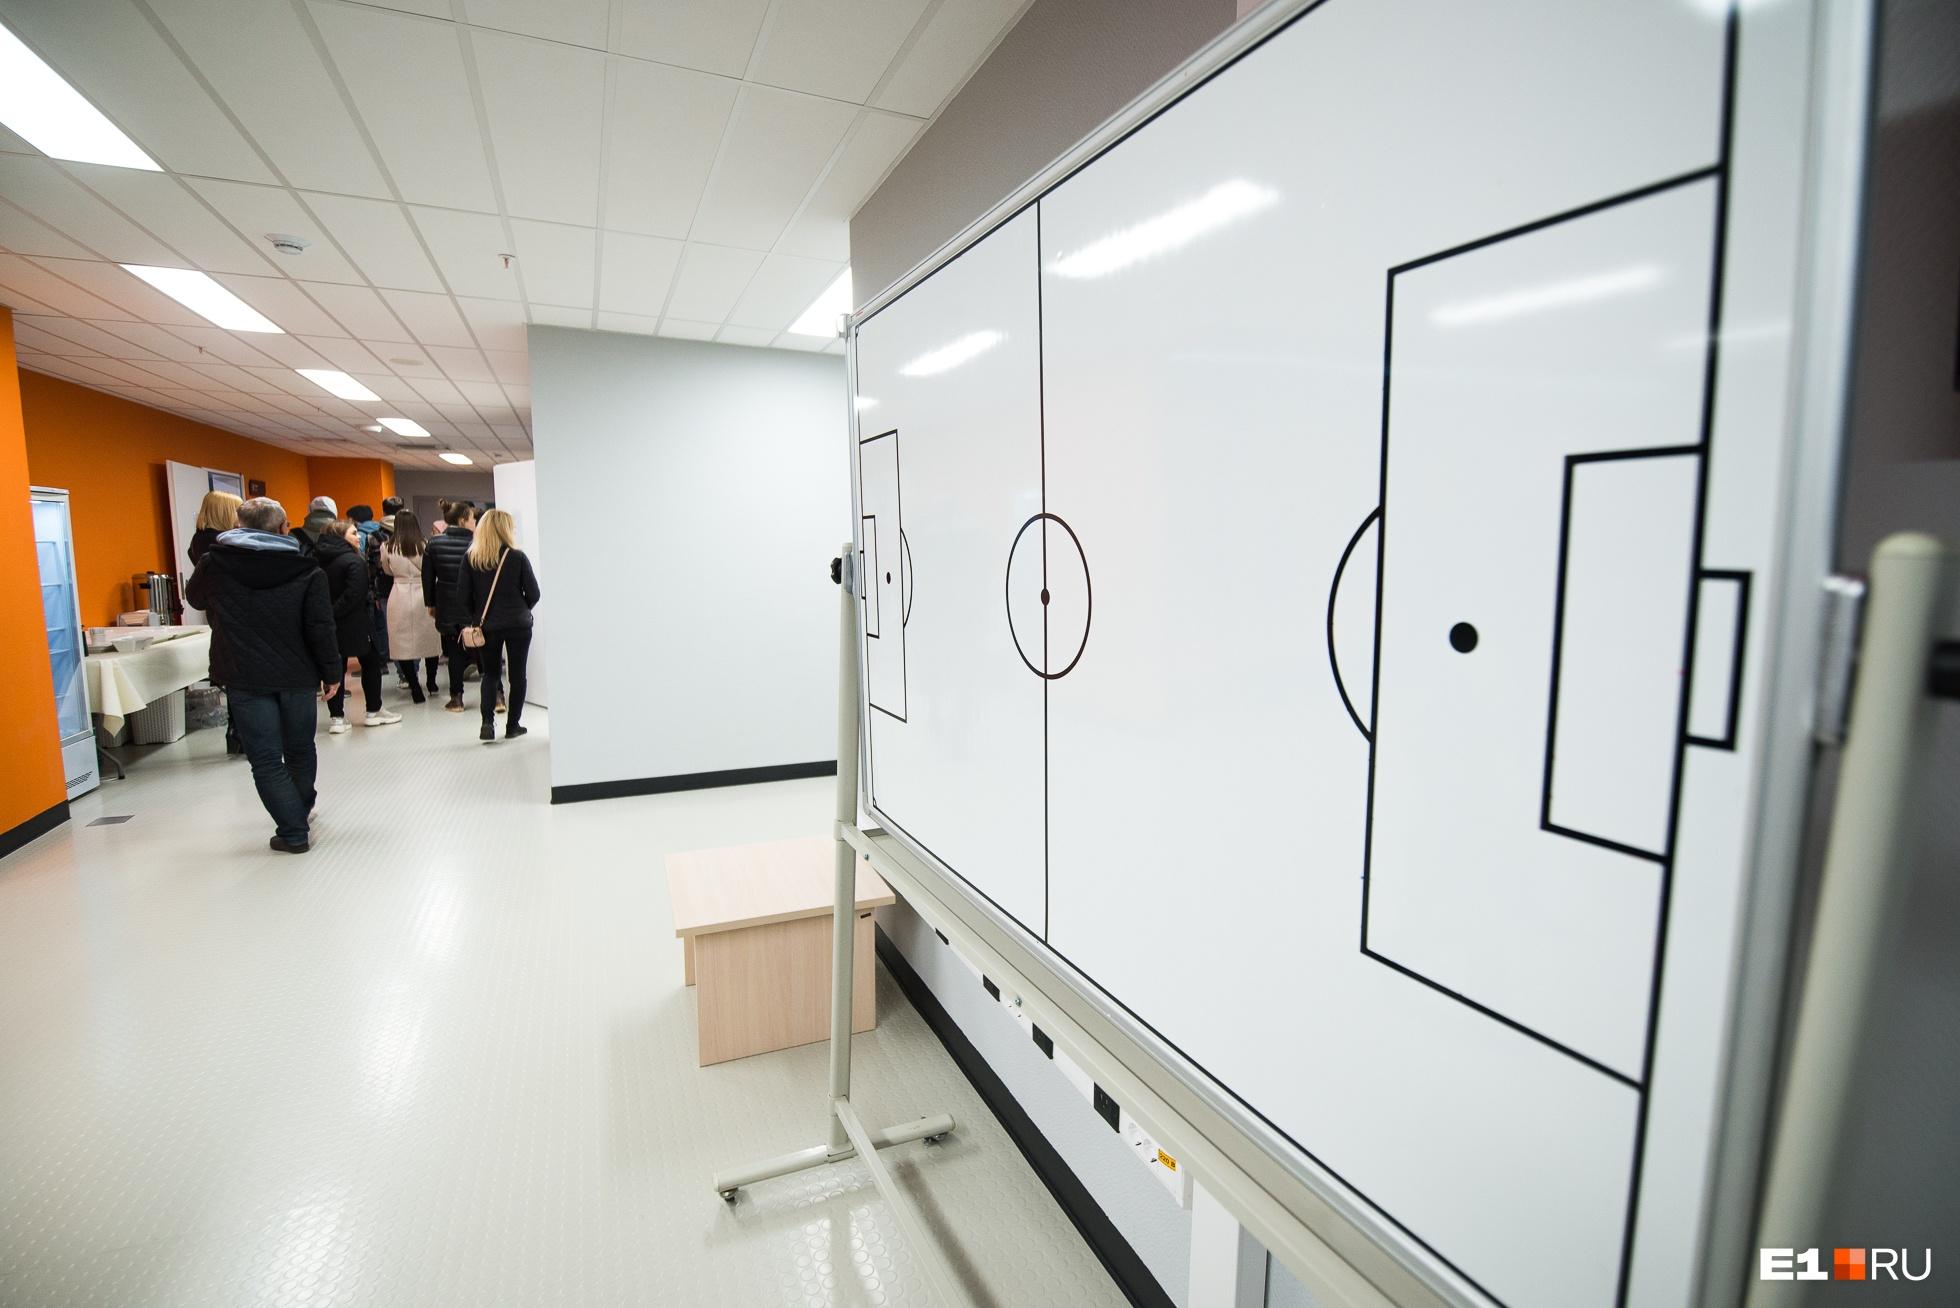 В раздевалке есть доска, на которой тренер может «проигрывать» разные комбинации в перерыве